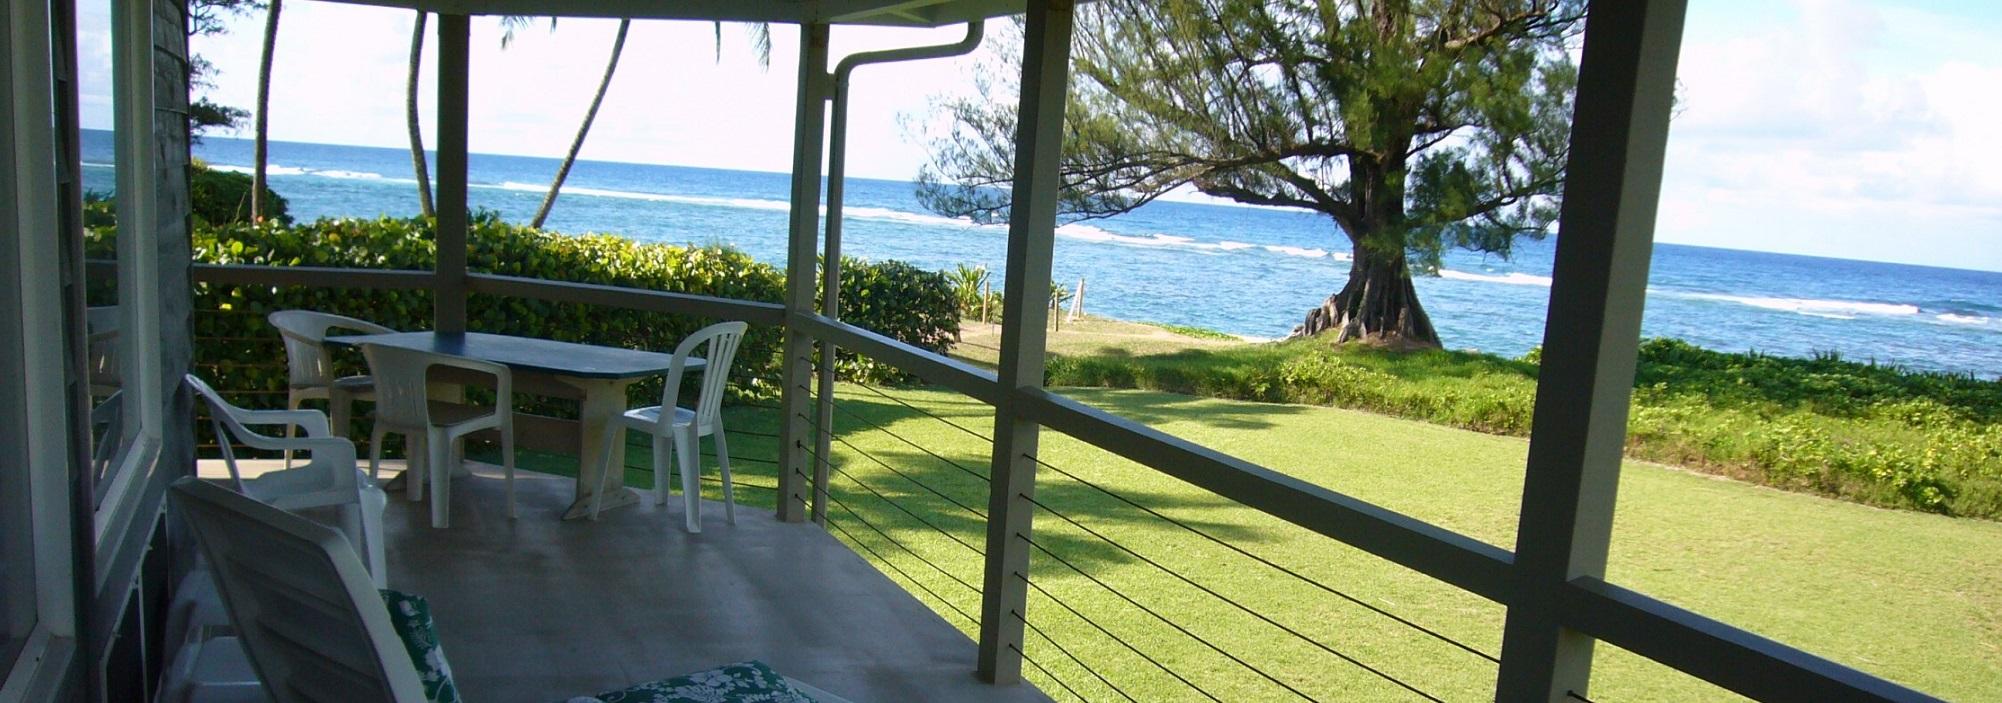 house beach side